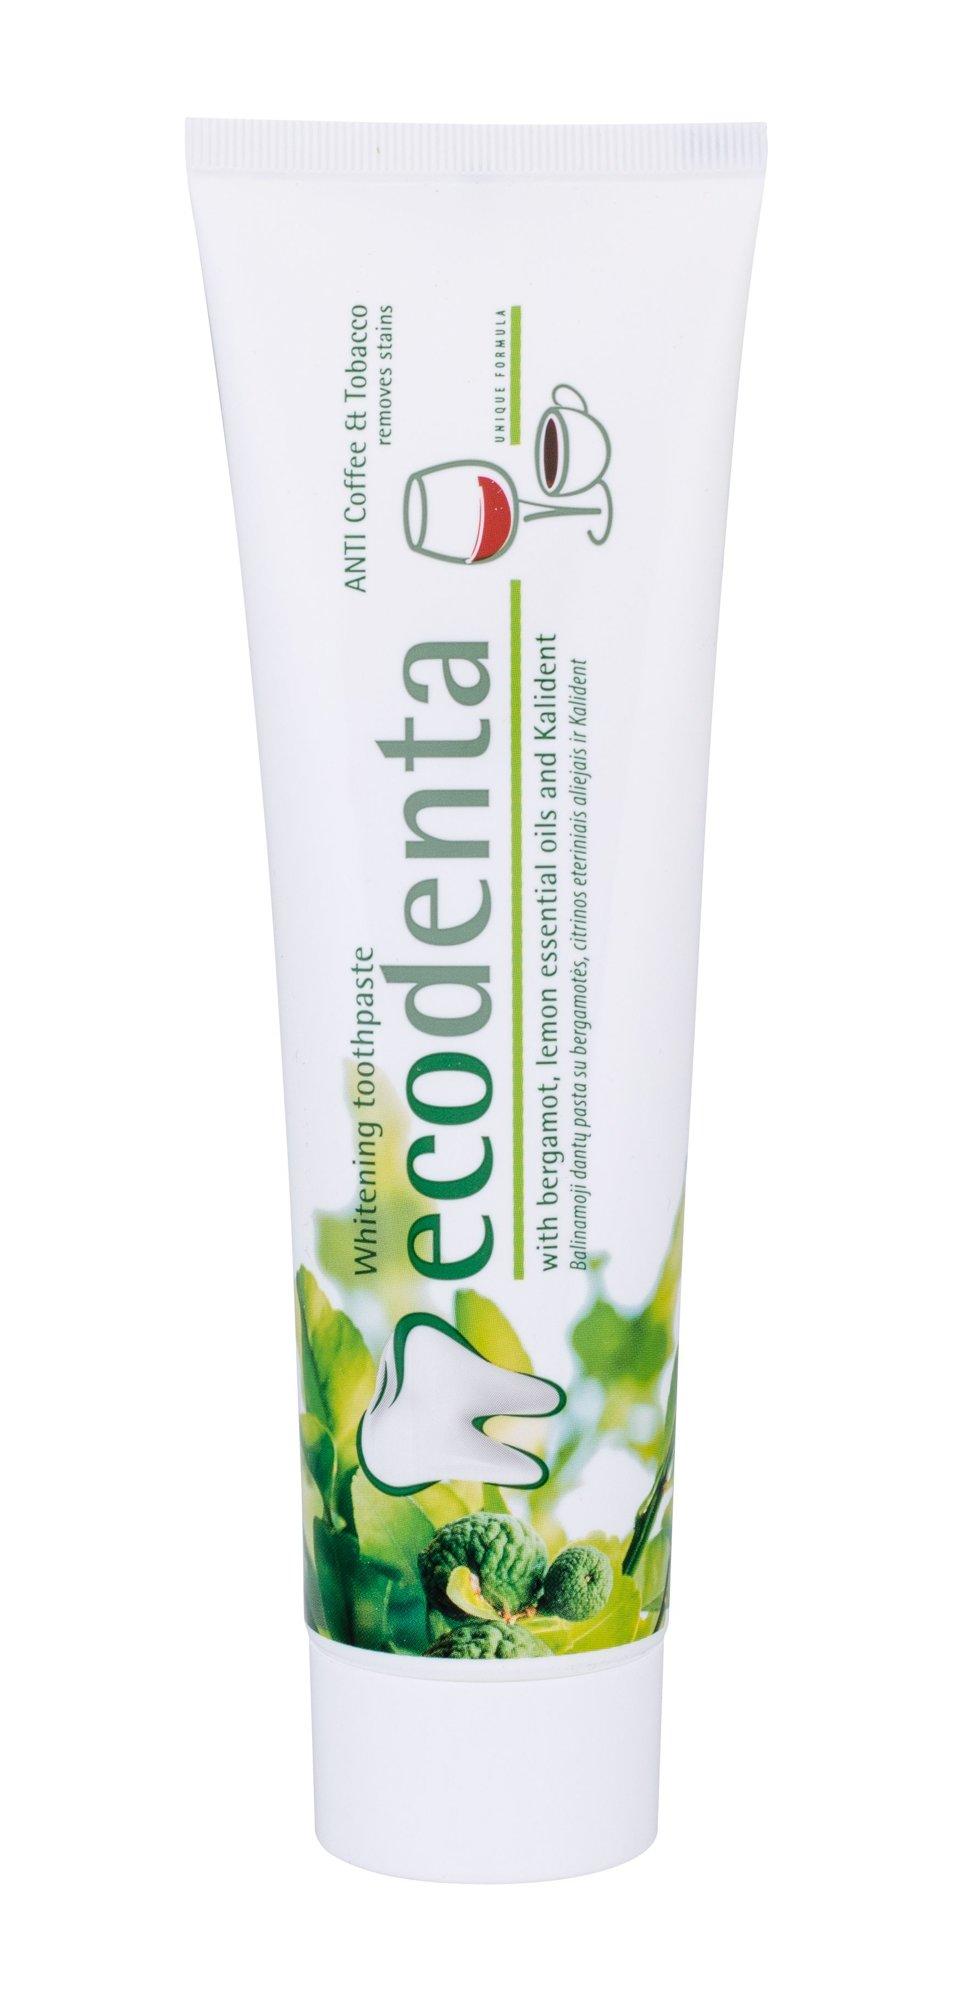 Ecodenta Toothpaste Toothpaste 100ml  Whitening ANTI Coffee & Tobacco